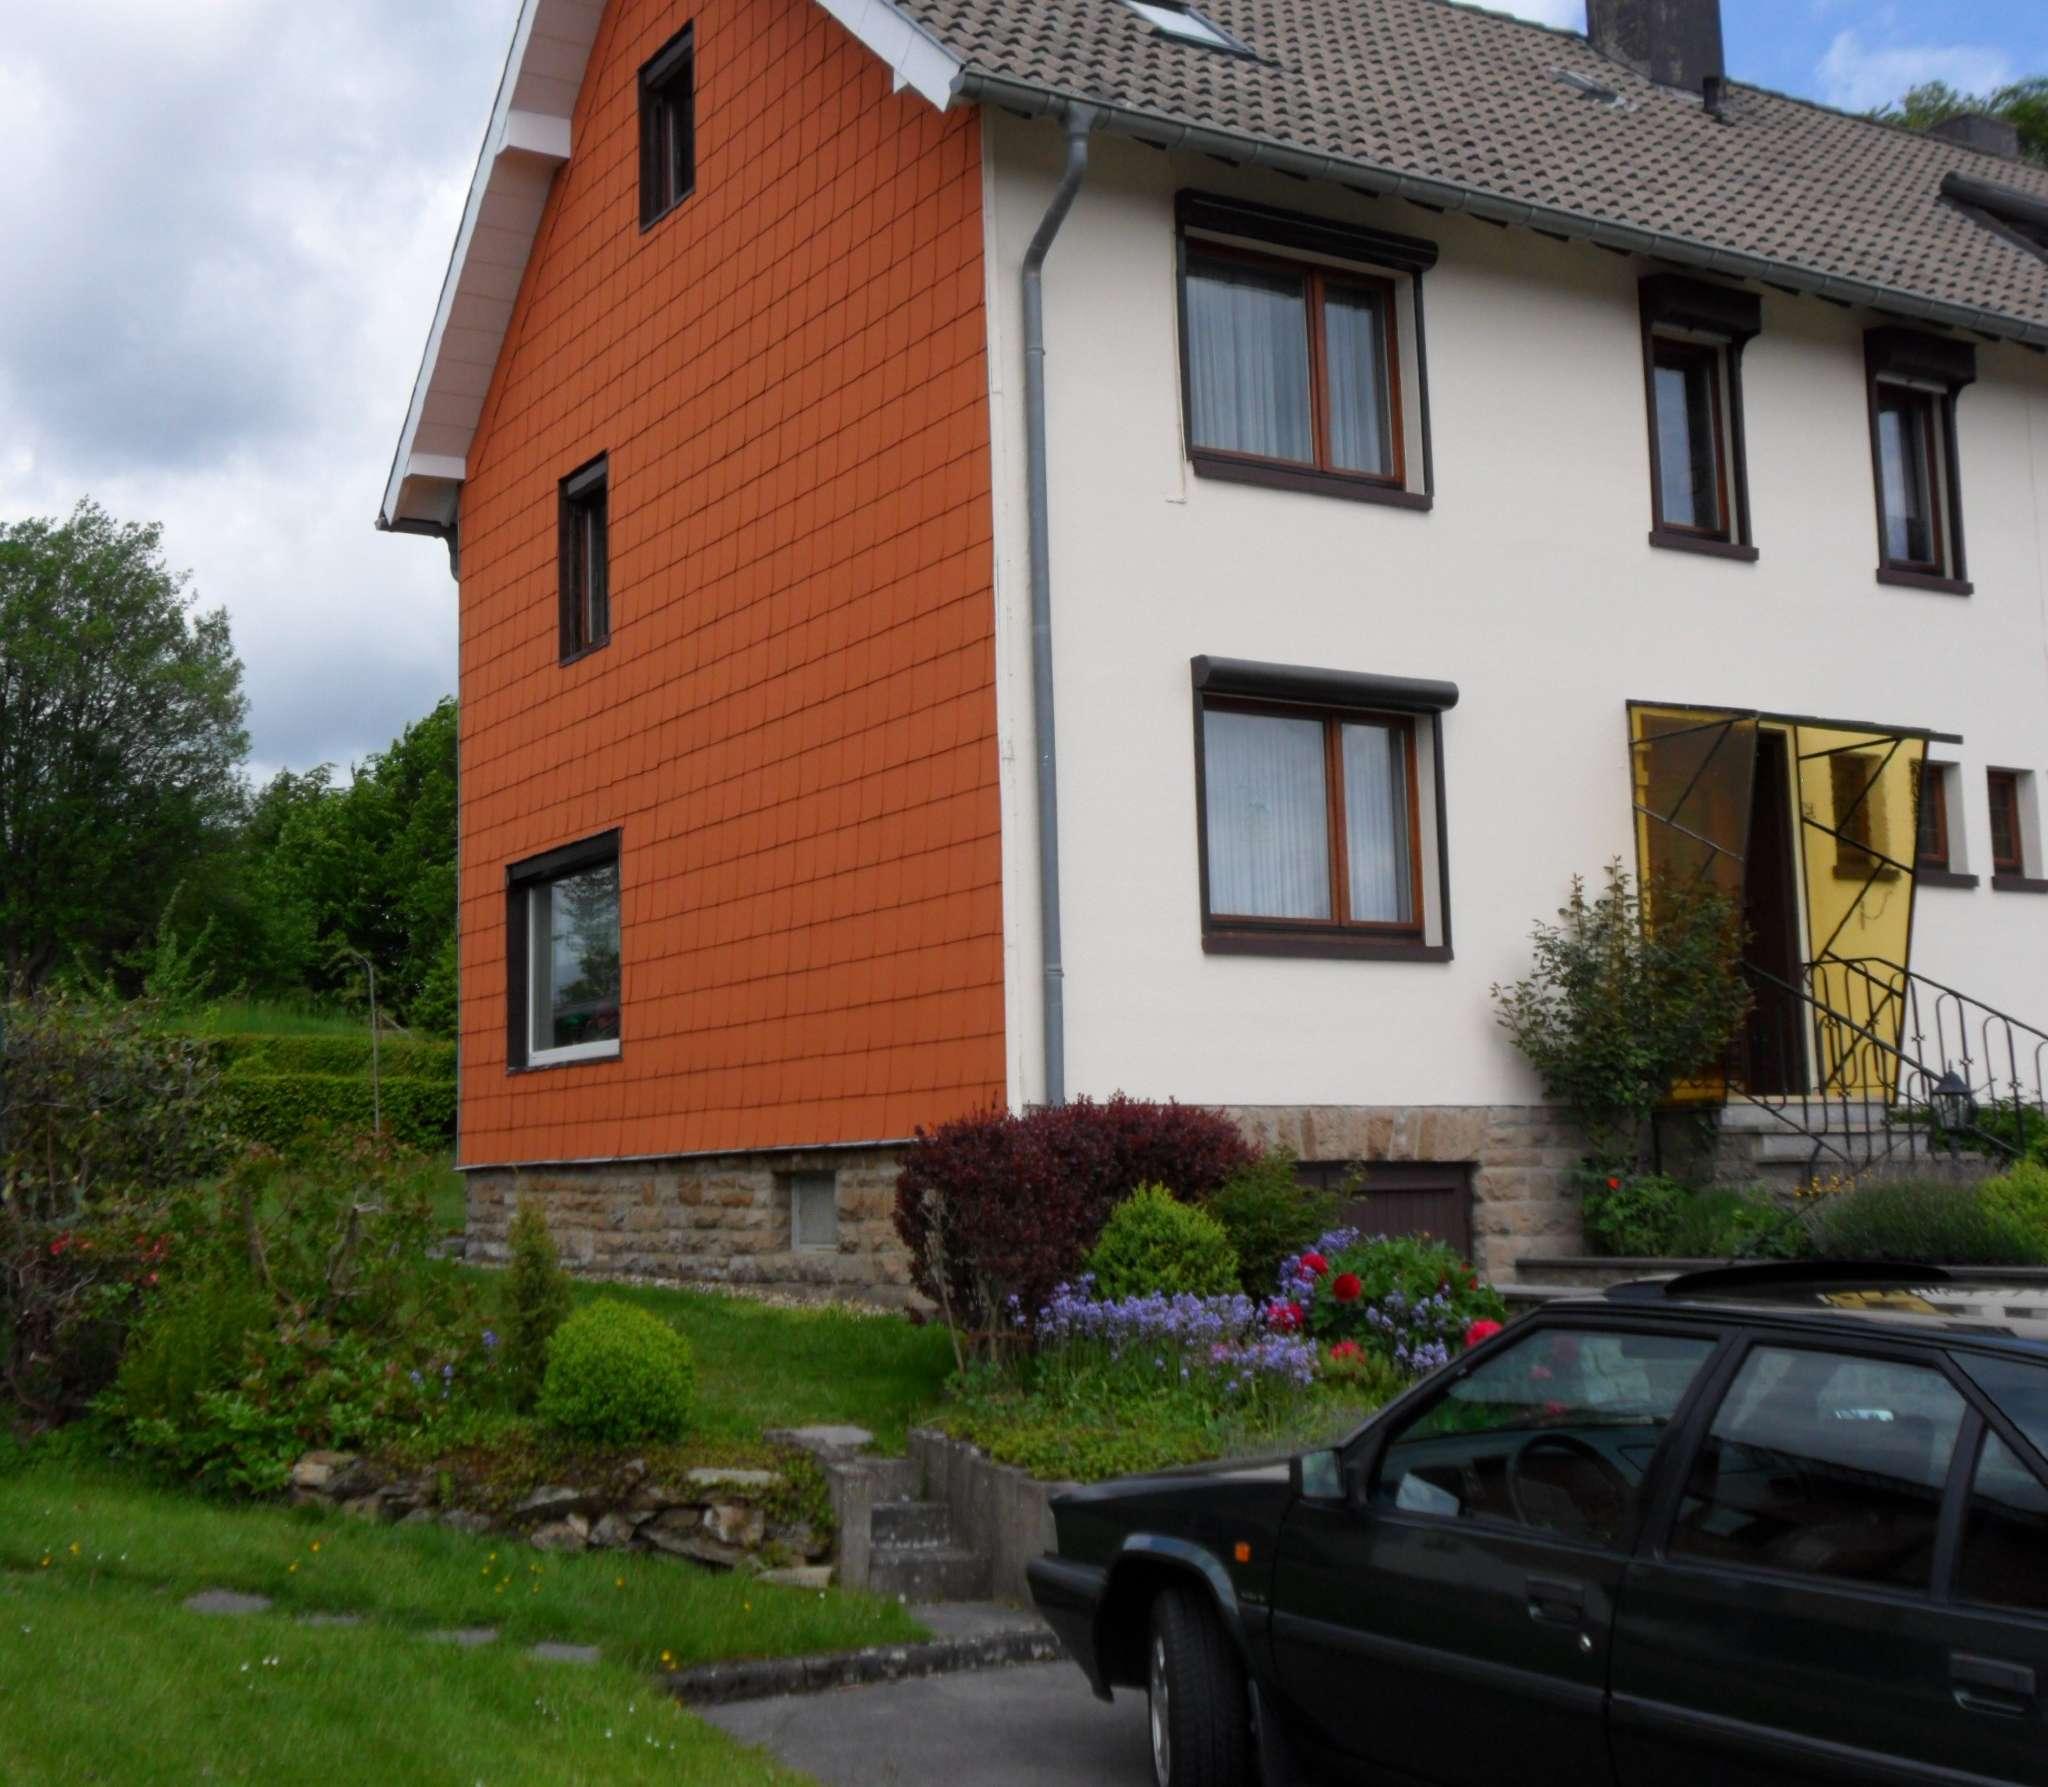 Haus Seeblick Hotel Garni Ferienwohnungen: Ferienhaus 'Haus Am Ravelradweg' In Simmerath-Lammersdorf